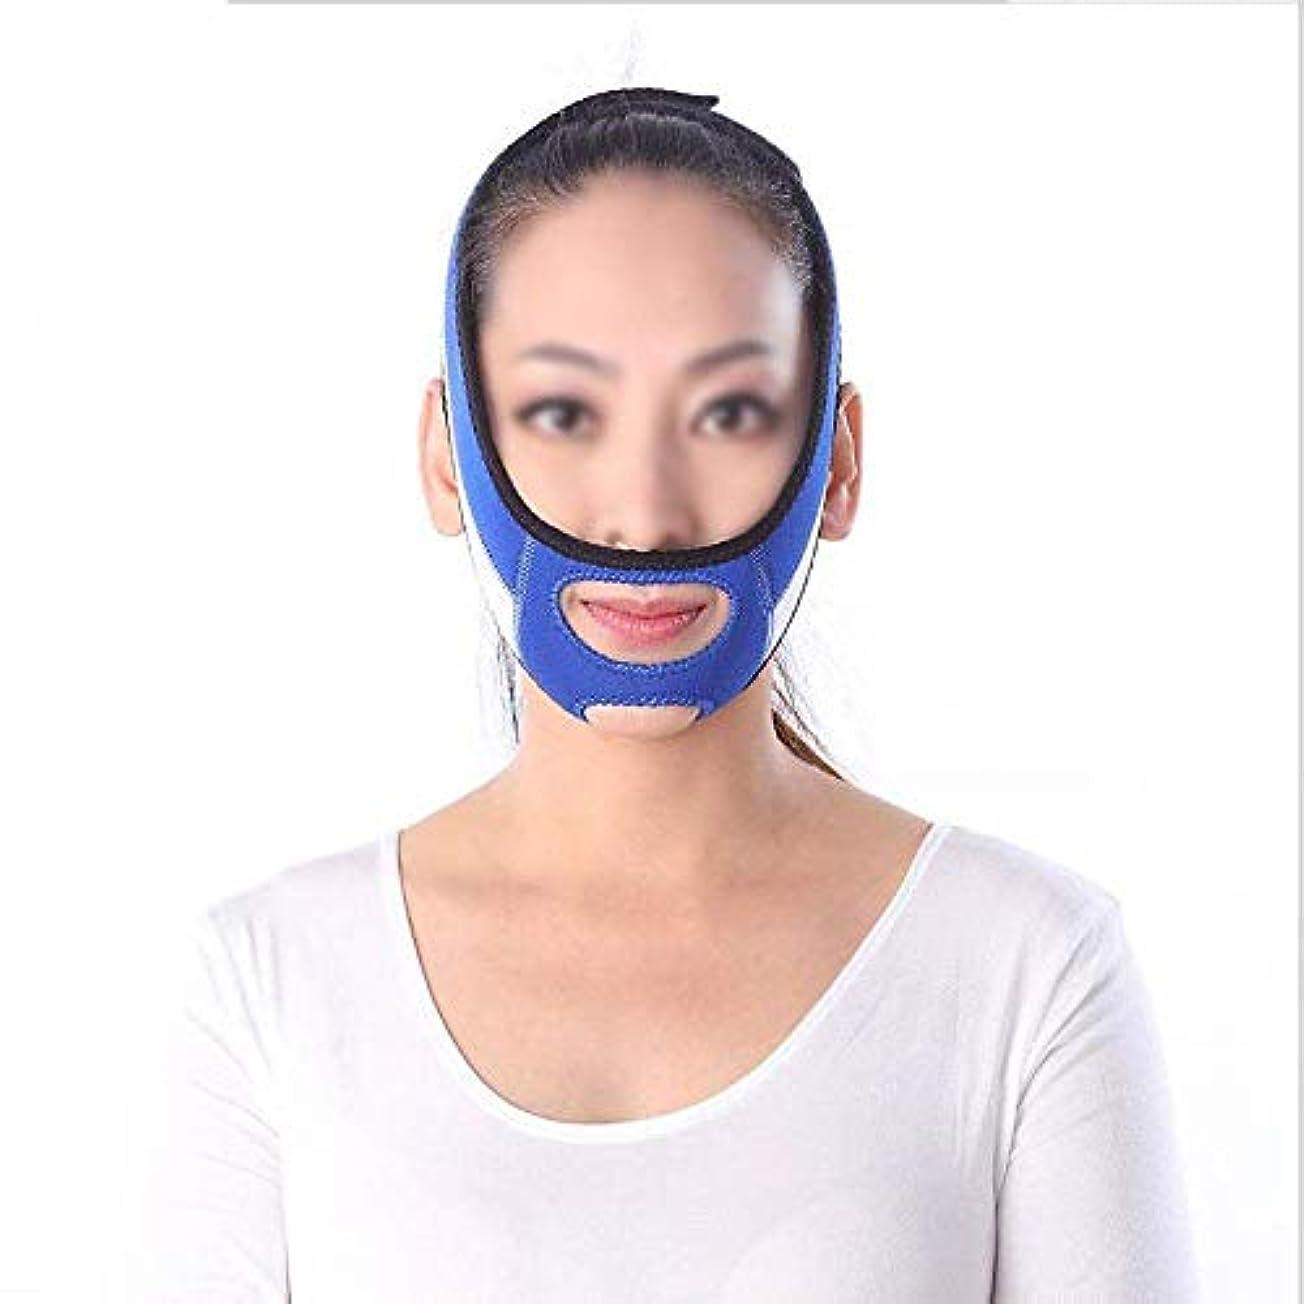 社会確立します入射フェイスリフティングマスク、リフティングロウパターンバンデージラインカービングリペアツールフェイスリフティングアーティファクトファーミングスキンスモールVフェイスバンド